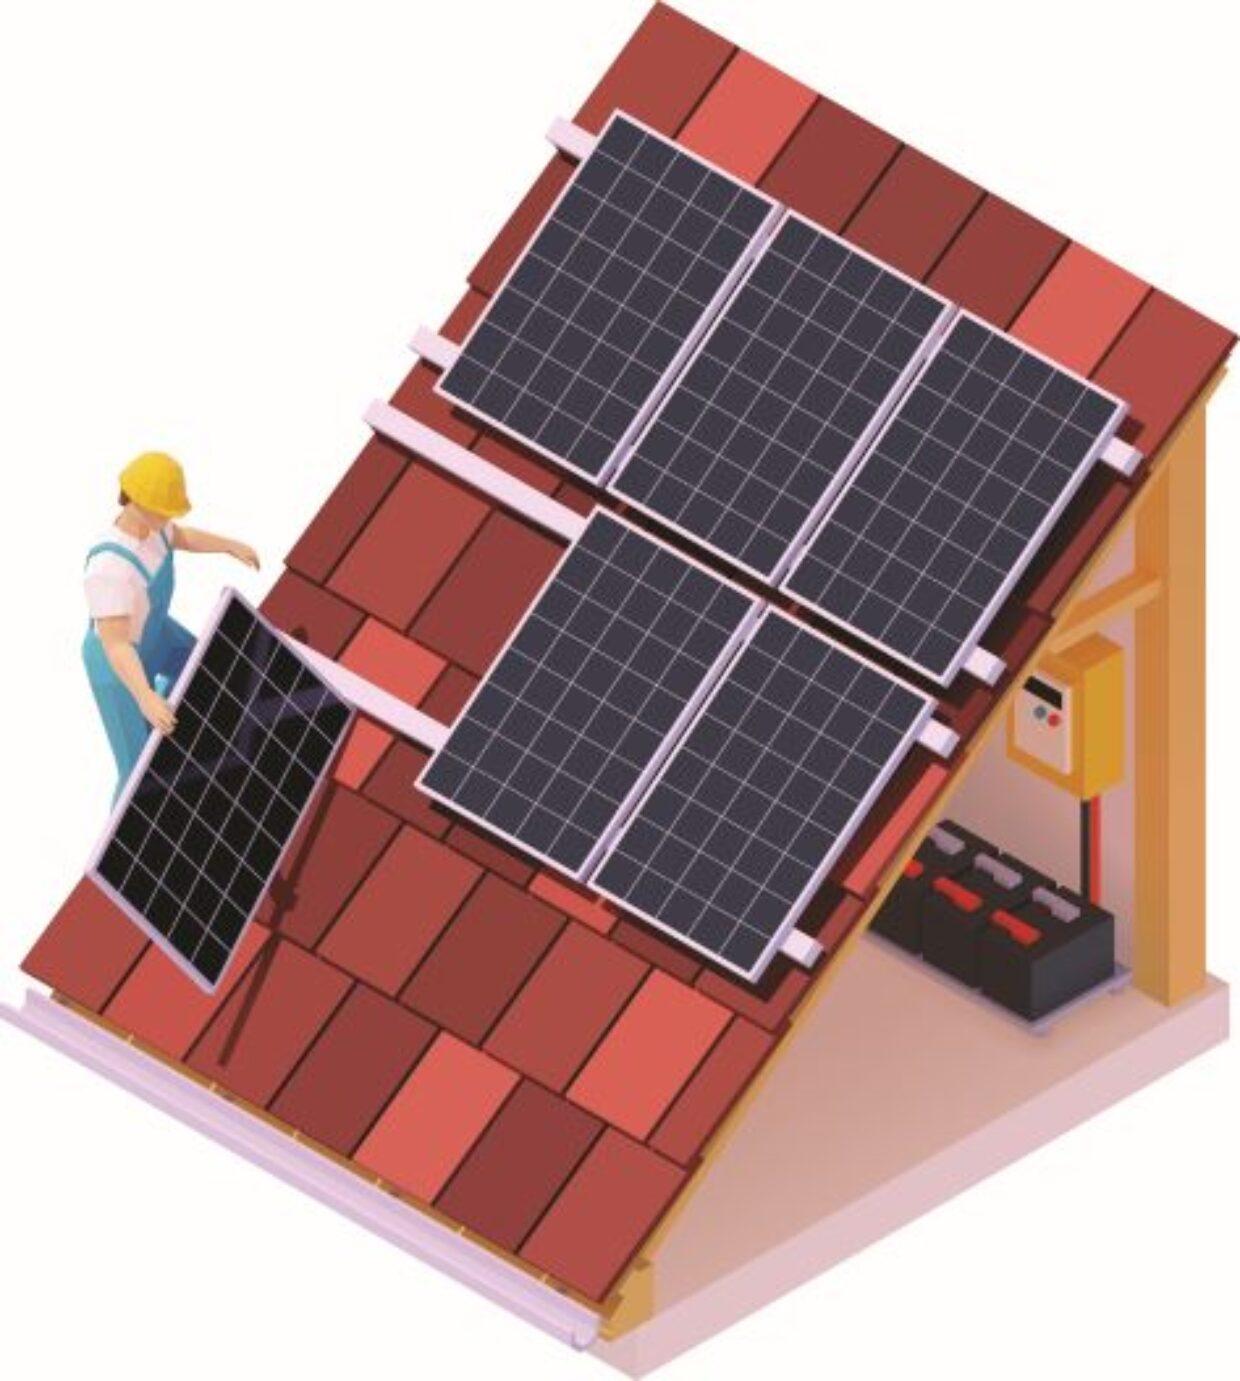 Il fotovoltaico sul tetto fa raddoppiare il bonus